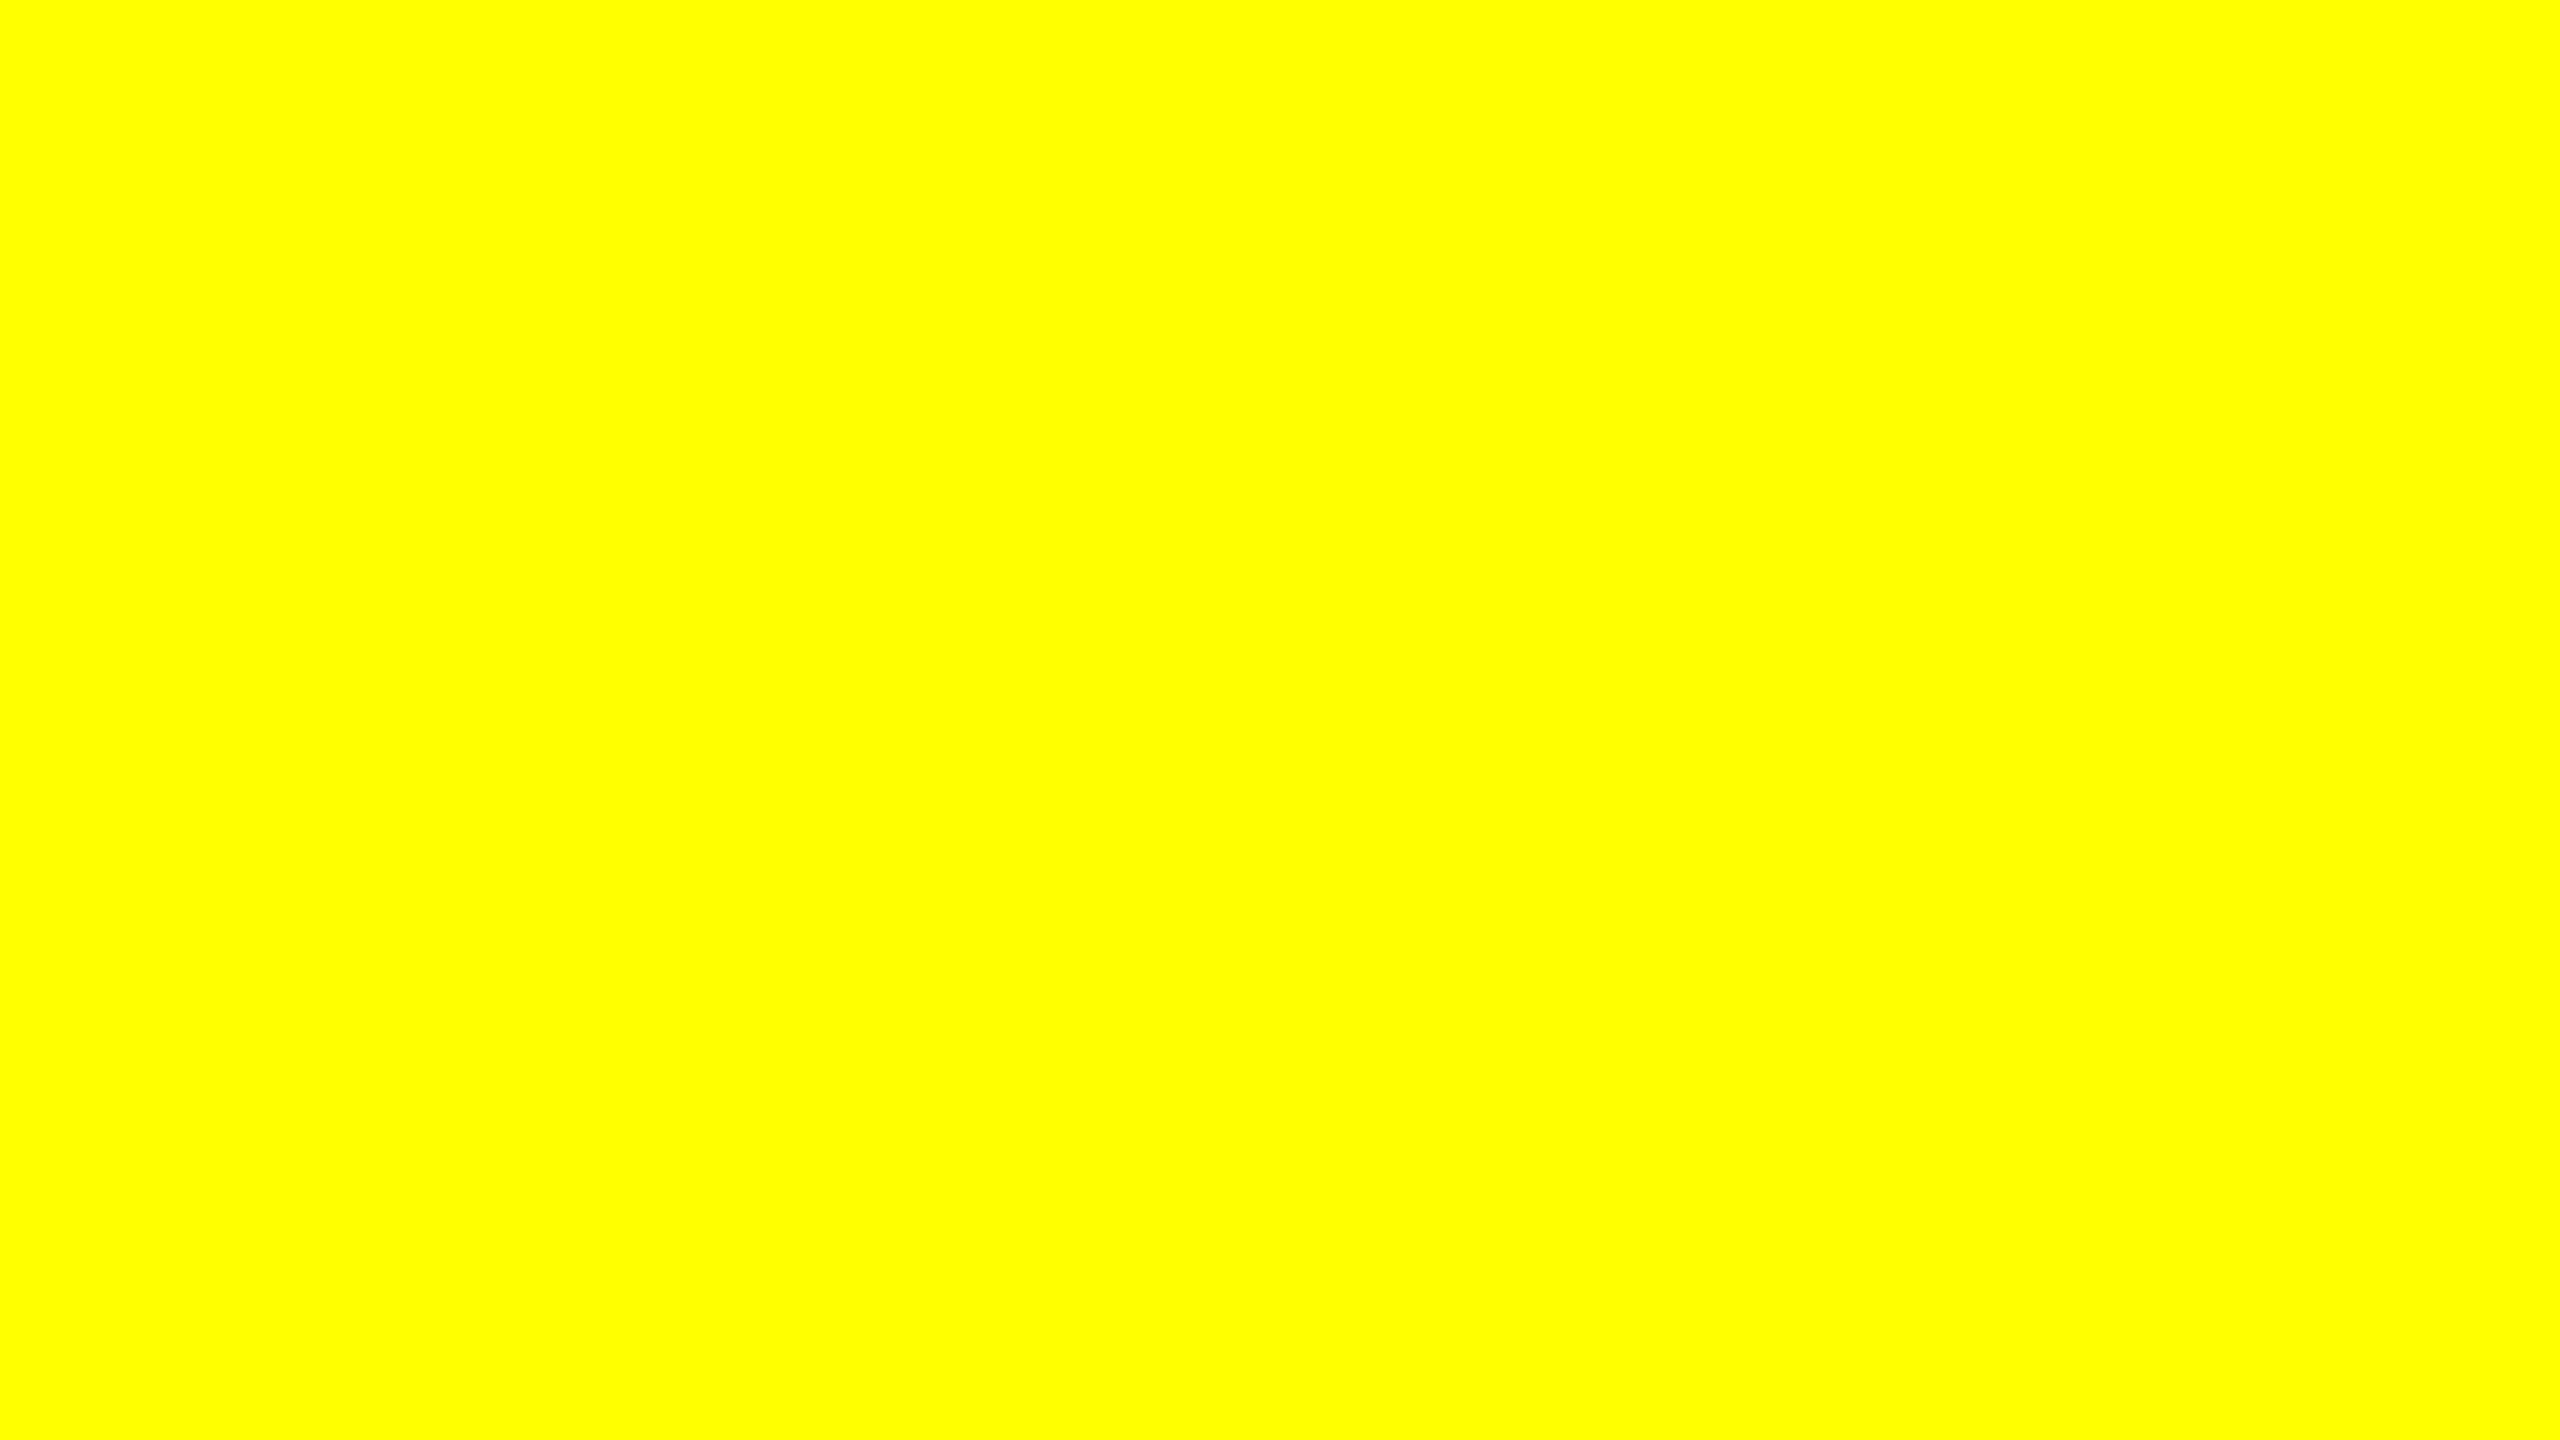 Hình nền màu vàng rực rỡ